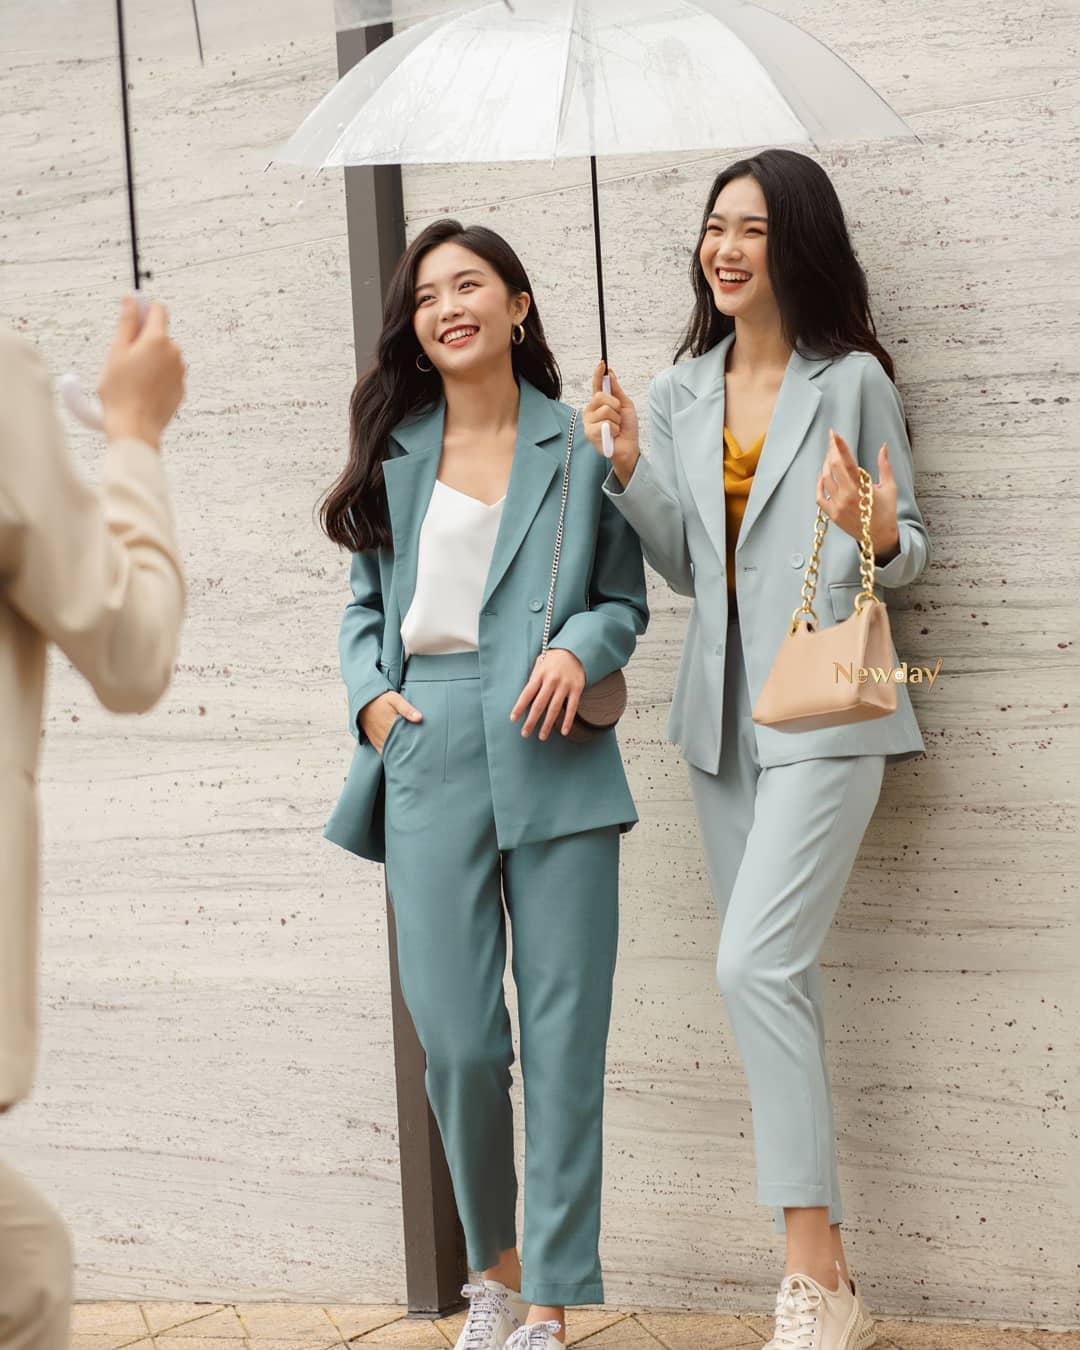 Nổi tiếng mặc đẹp mà rich kid Tiên Nguyễn cũng có ngày chọn nhầm hàng hiệu khiến vóc dáng bị dìm thảm hại - Ảnh 6.